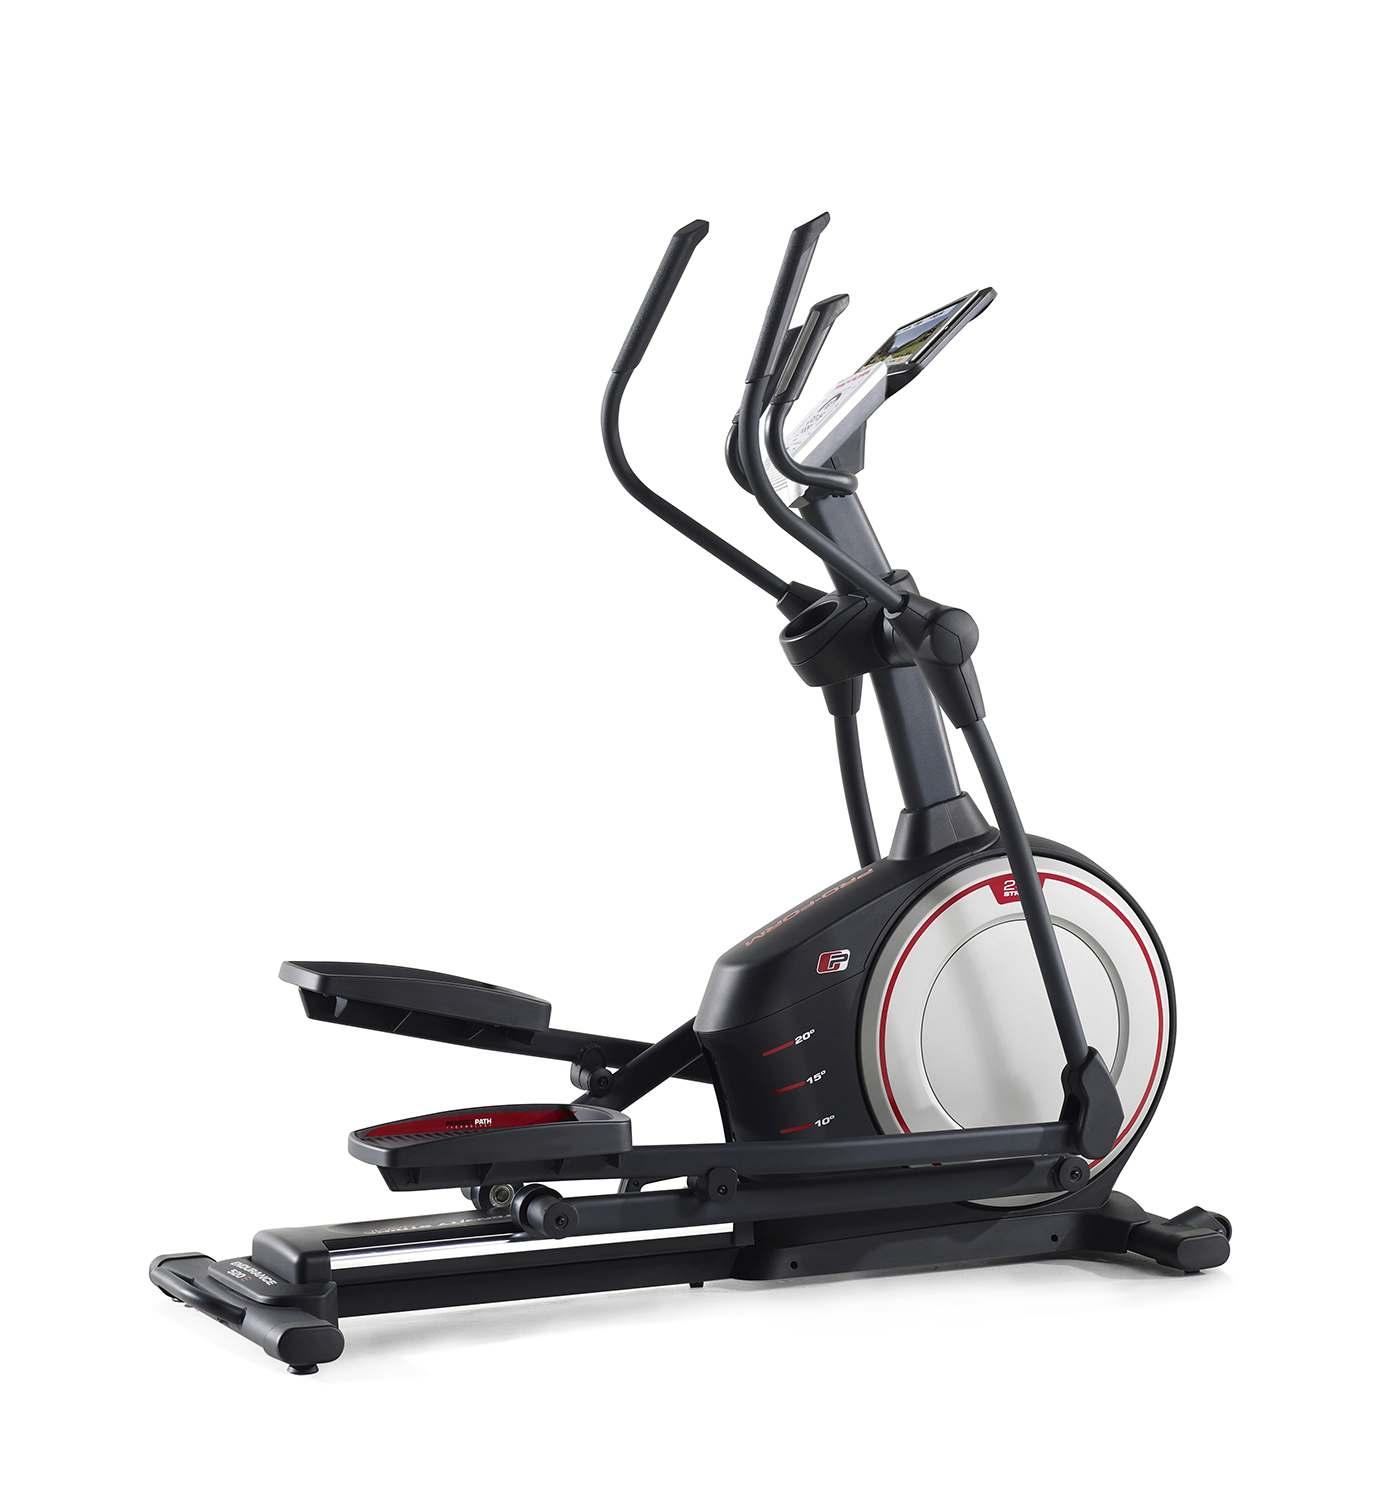 Image of ProForm Endurance 420 E Elliptical